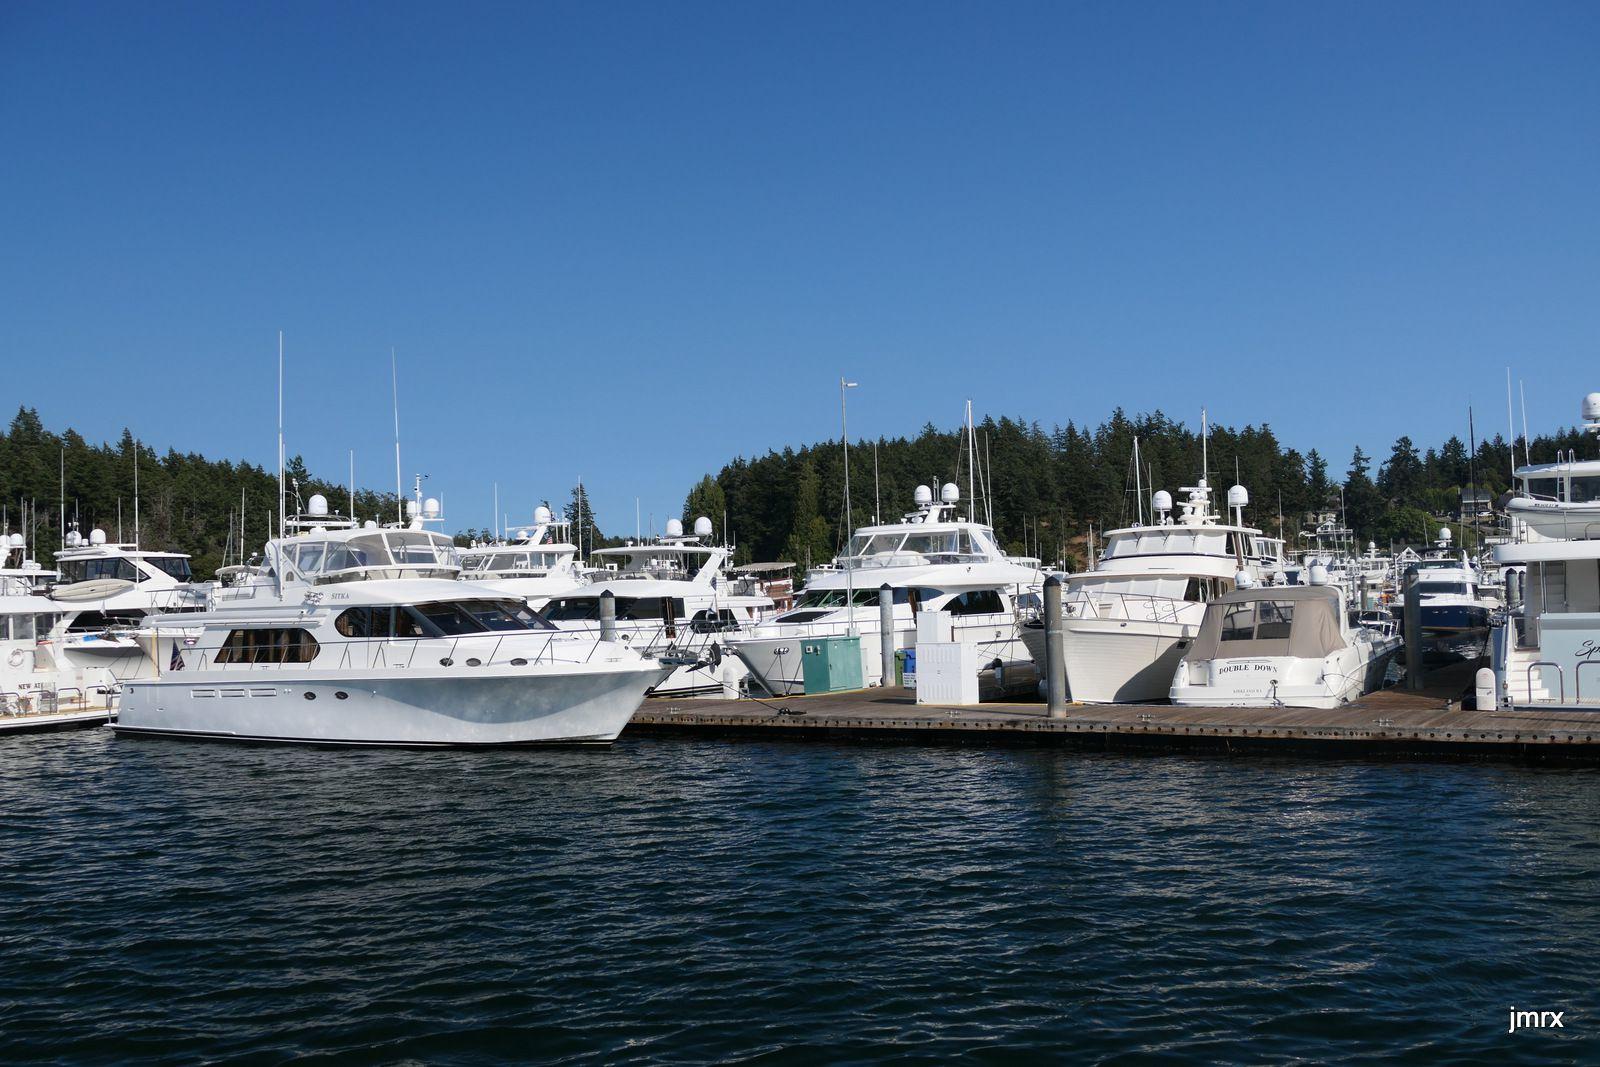 Le mouillage et la Marina de Roche Harbor un jour d'été. Encombré!!